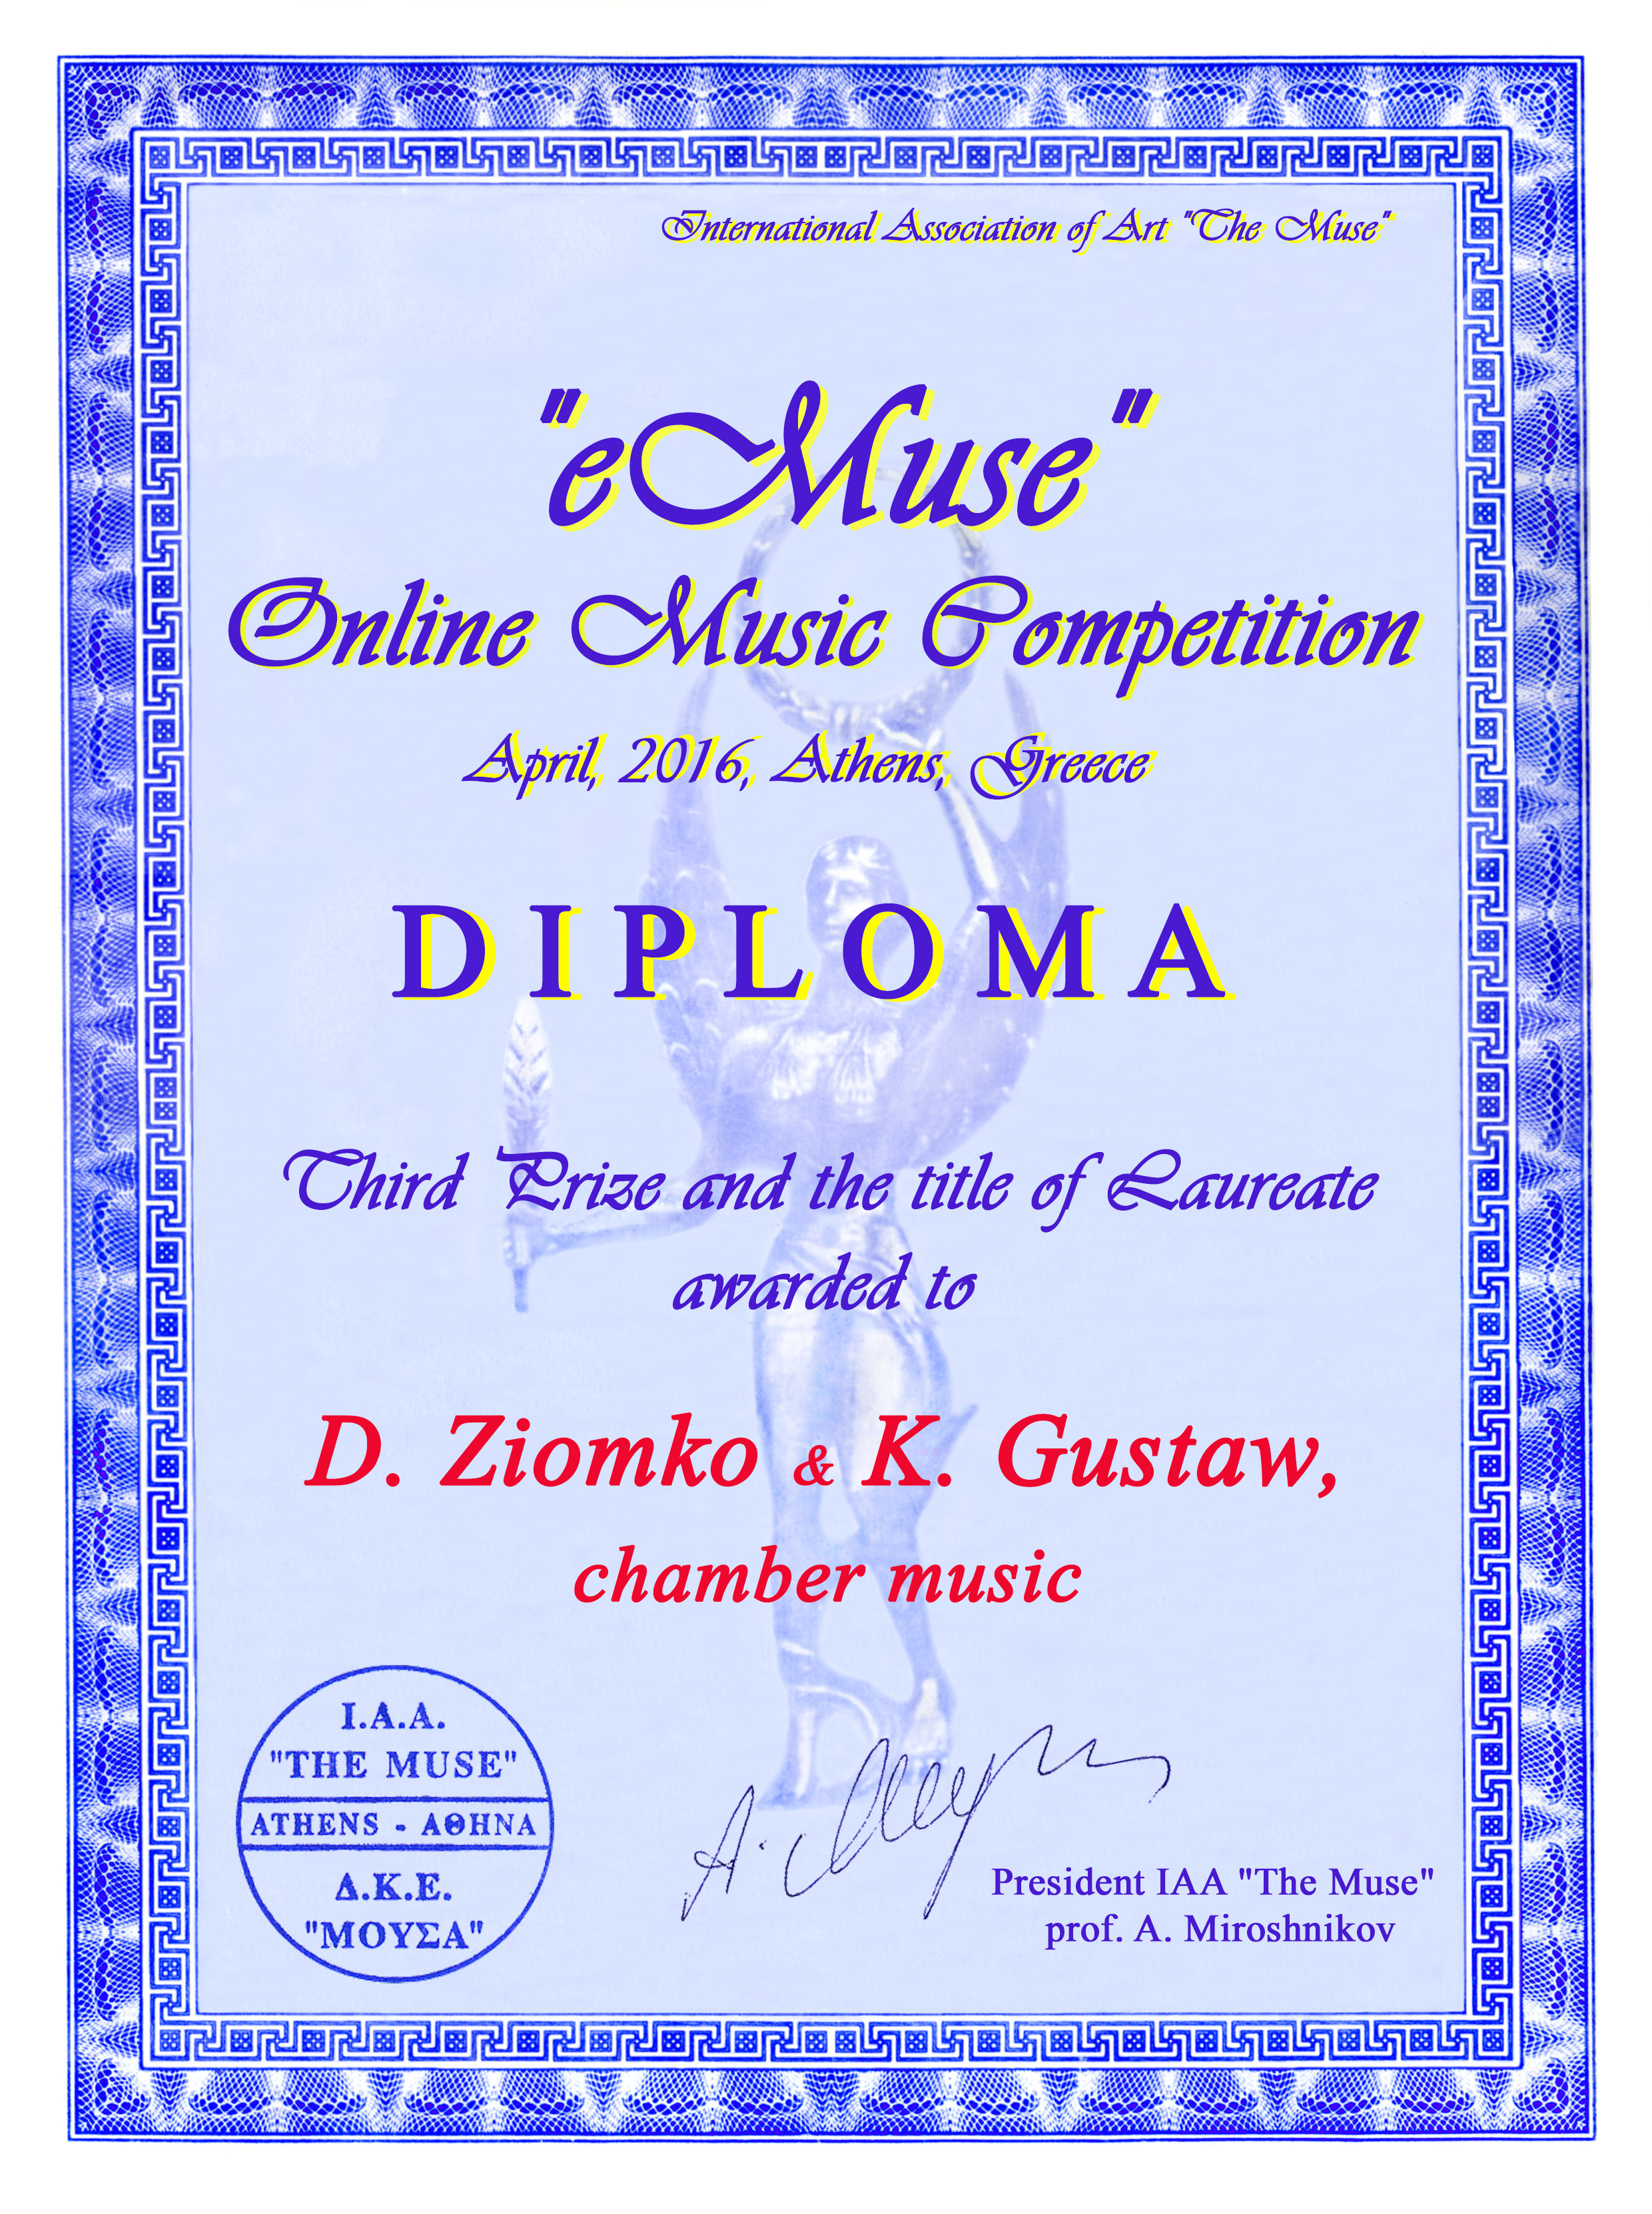 eMuse_III nagroda_D. Ziomko-K.Gustaw